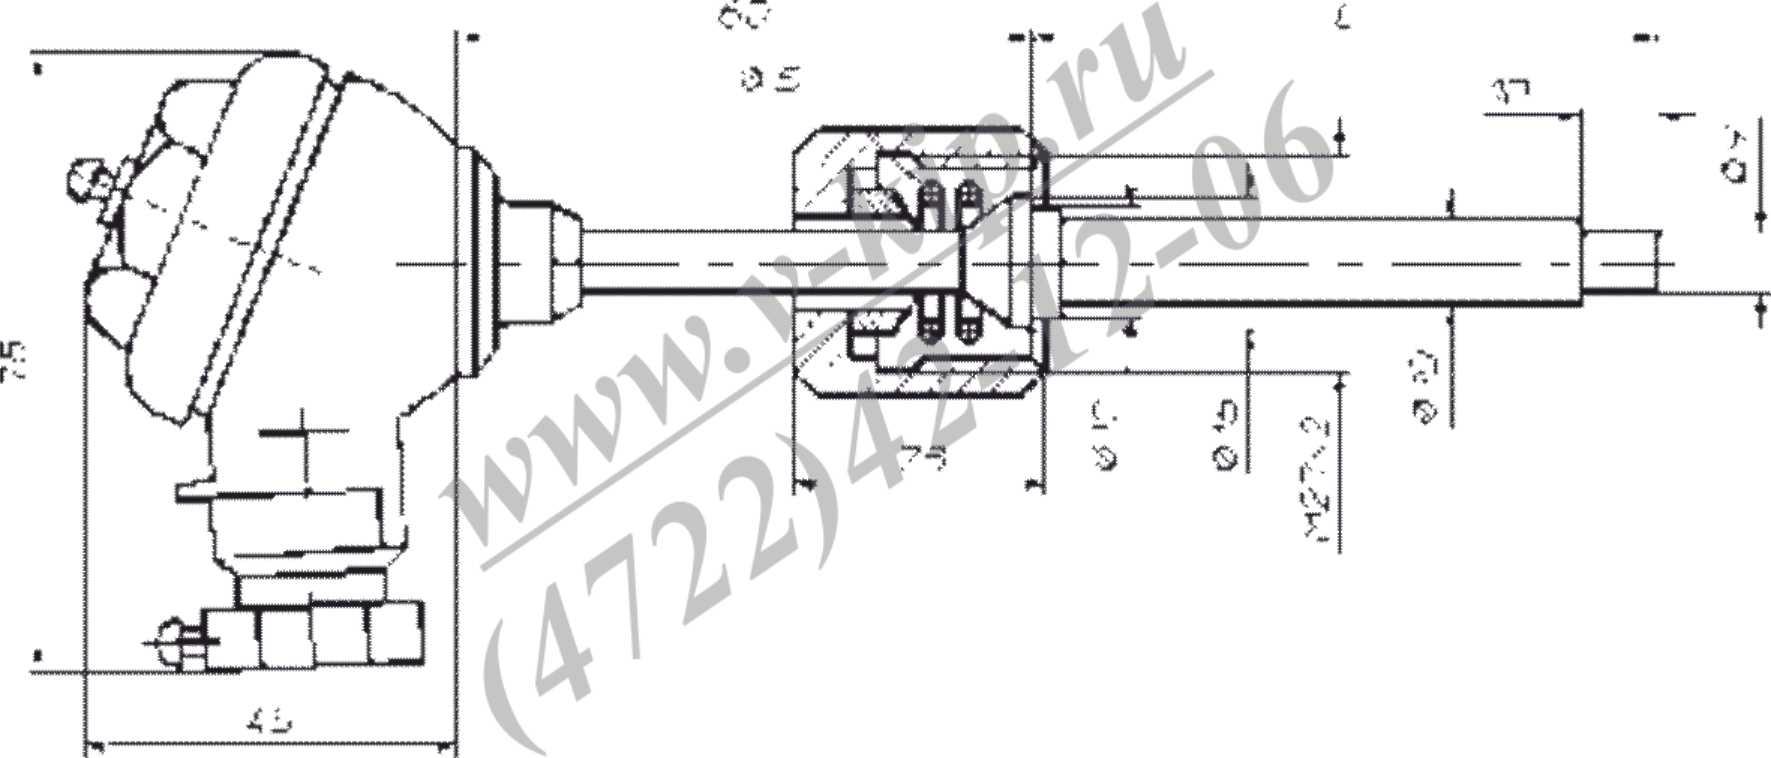 ТСП-8043Р, ТСМ-8043Р термопреобразователи - габариты